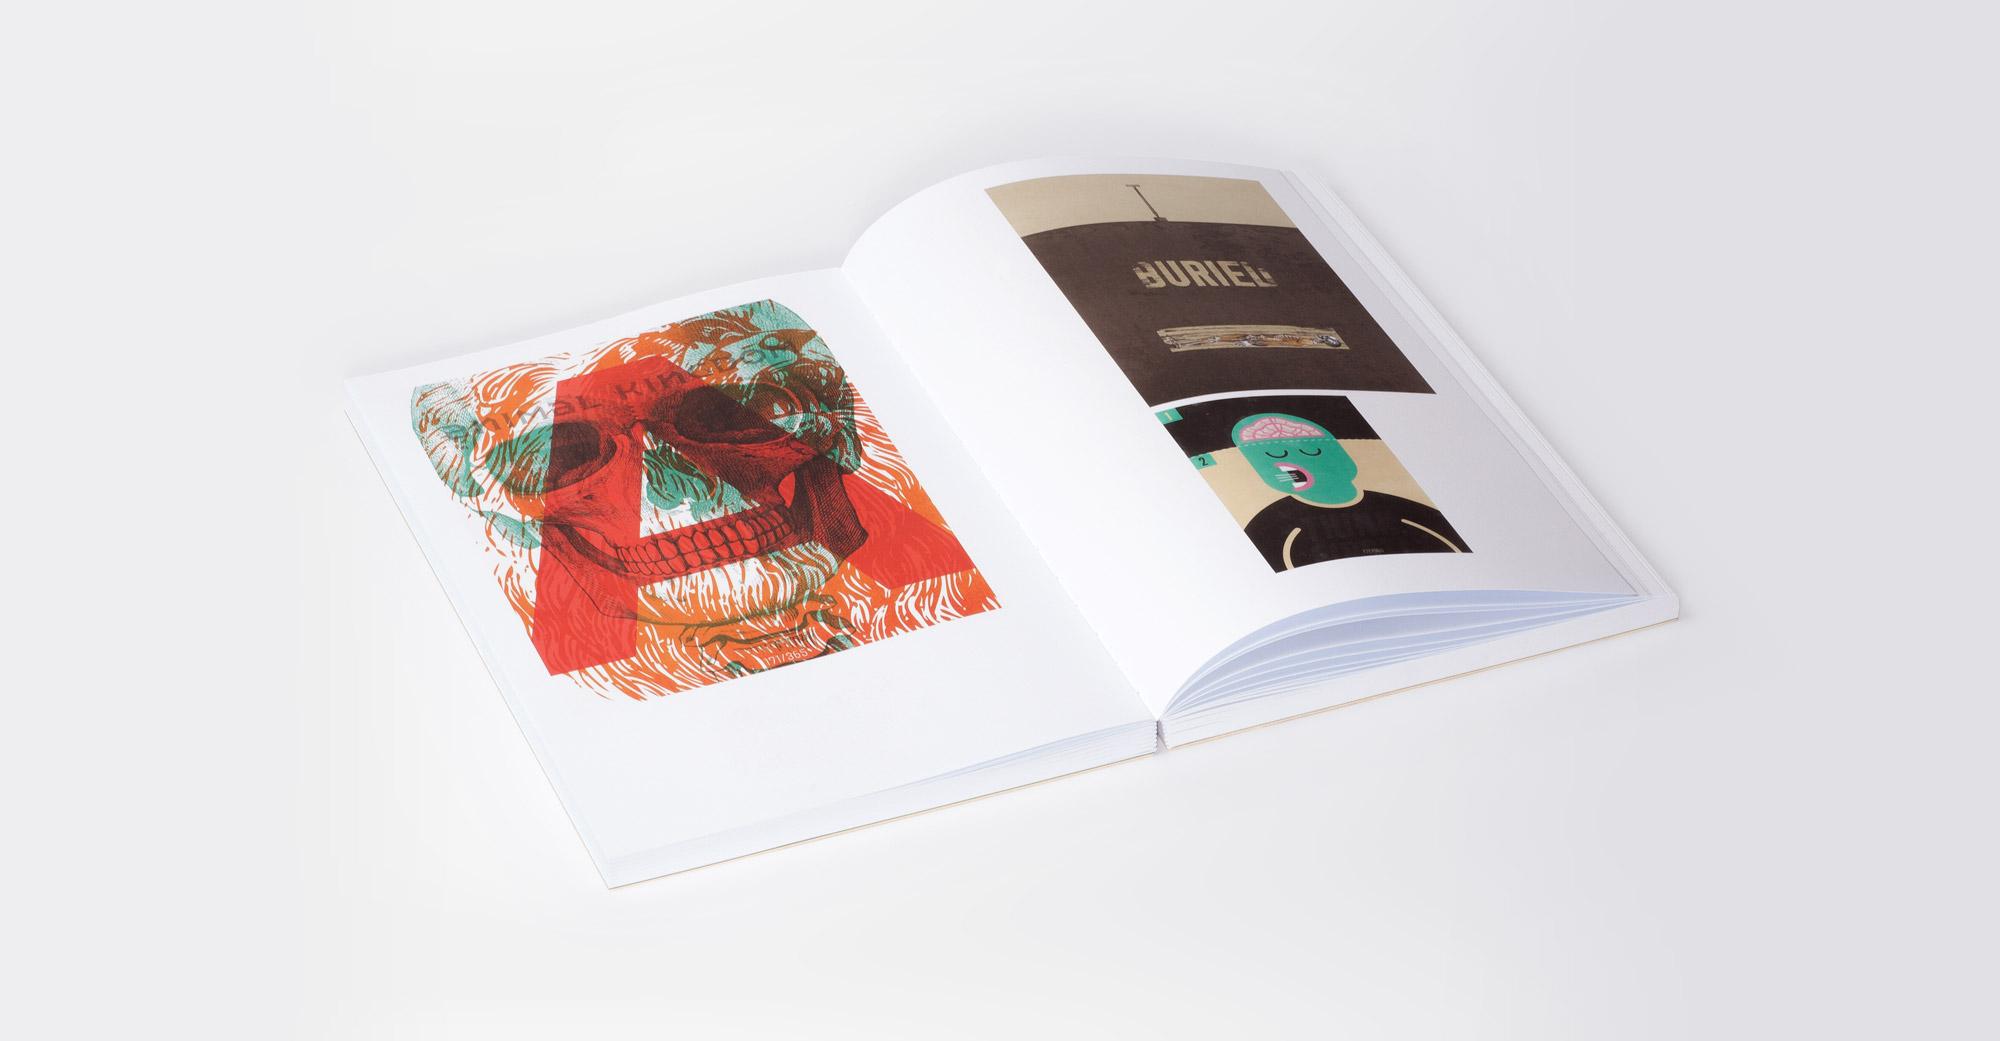 Man sieht eine Innendoppelseite des Buches